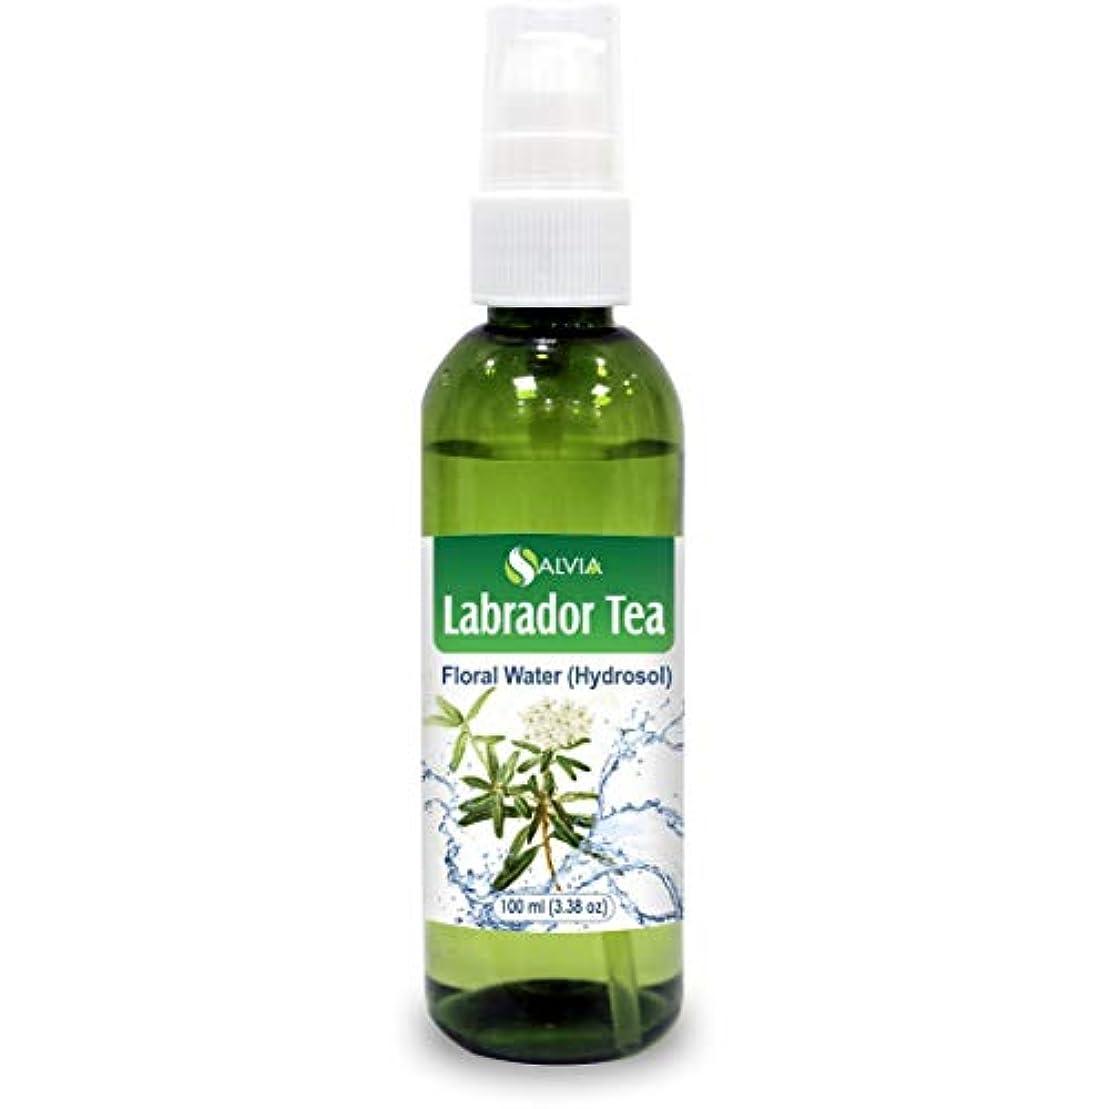 日付付き虚弱痛いLabrador Tea Floral Water 100ml (Hydrosol) 100% Pure And Natural